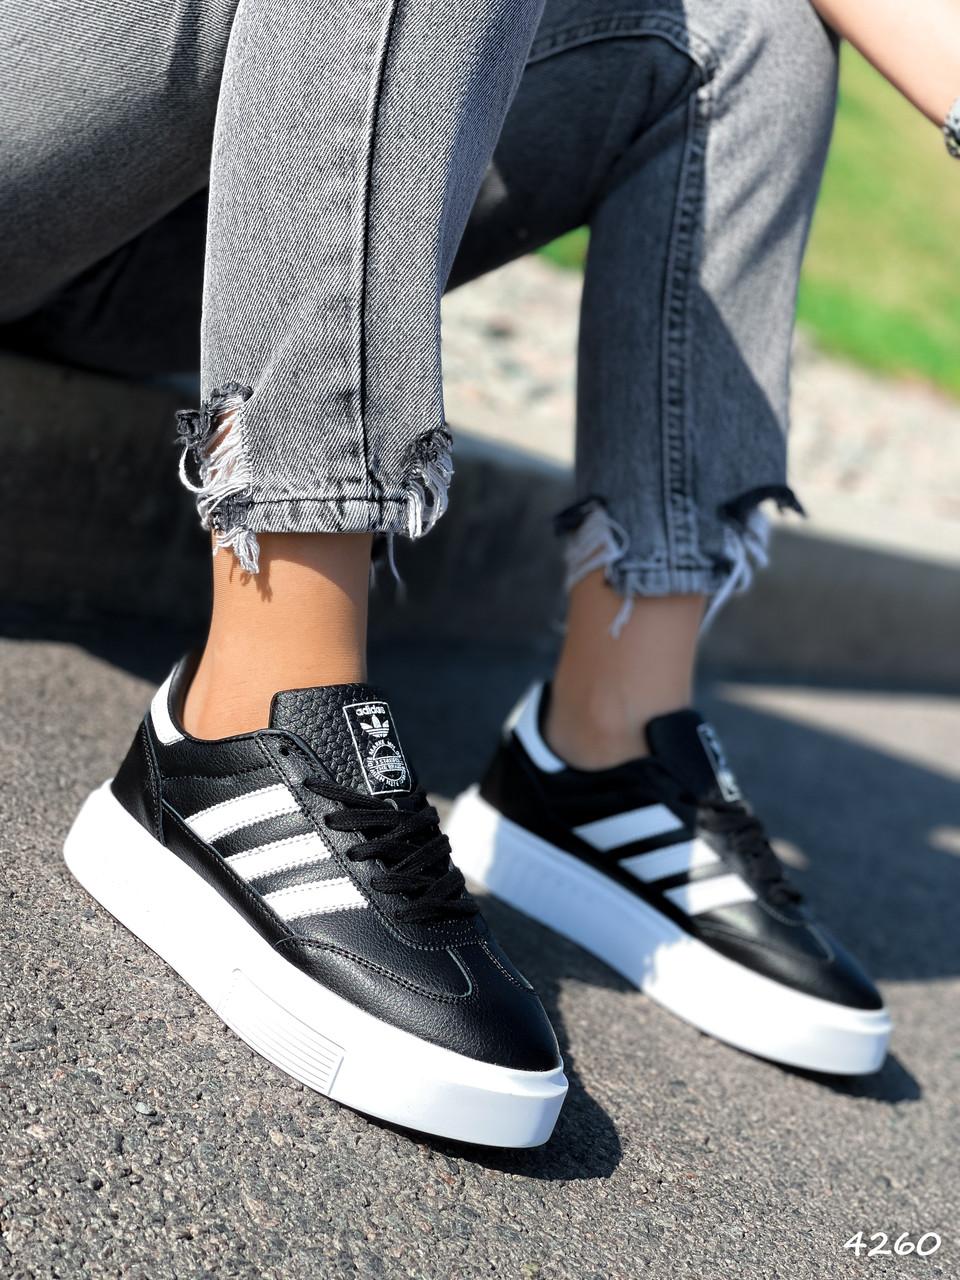 Кроссовки женские Adis черные + белый 4260